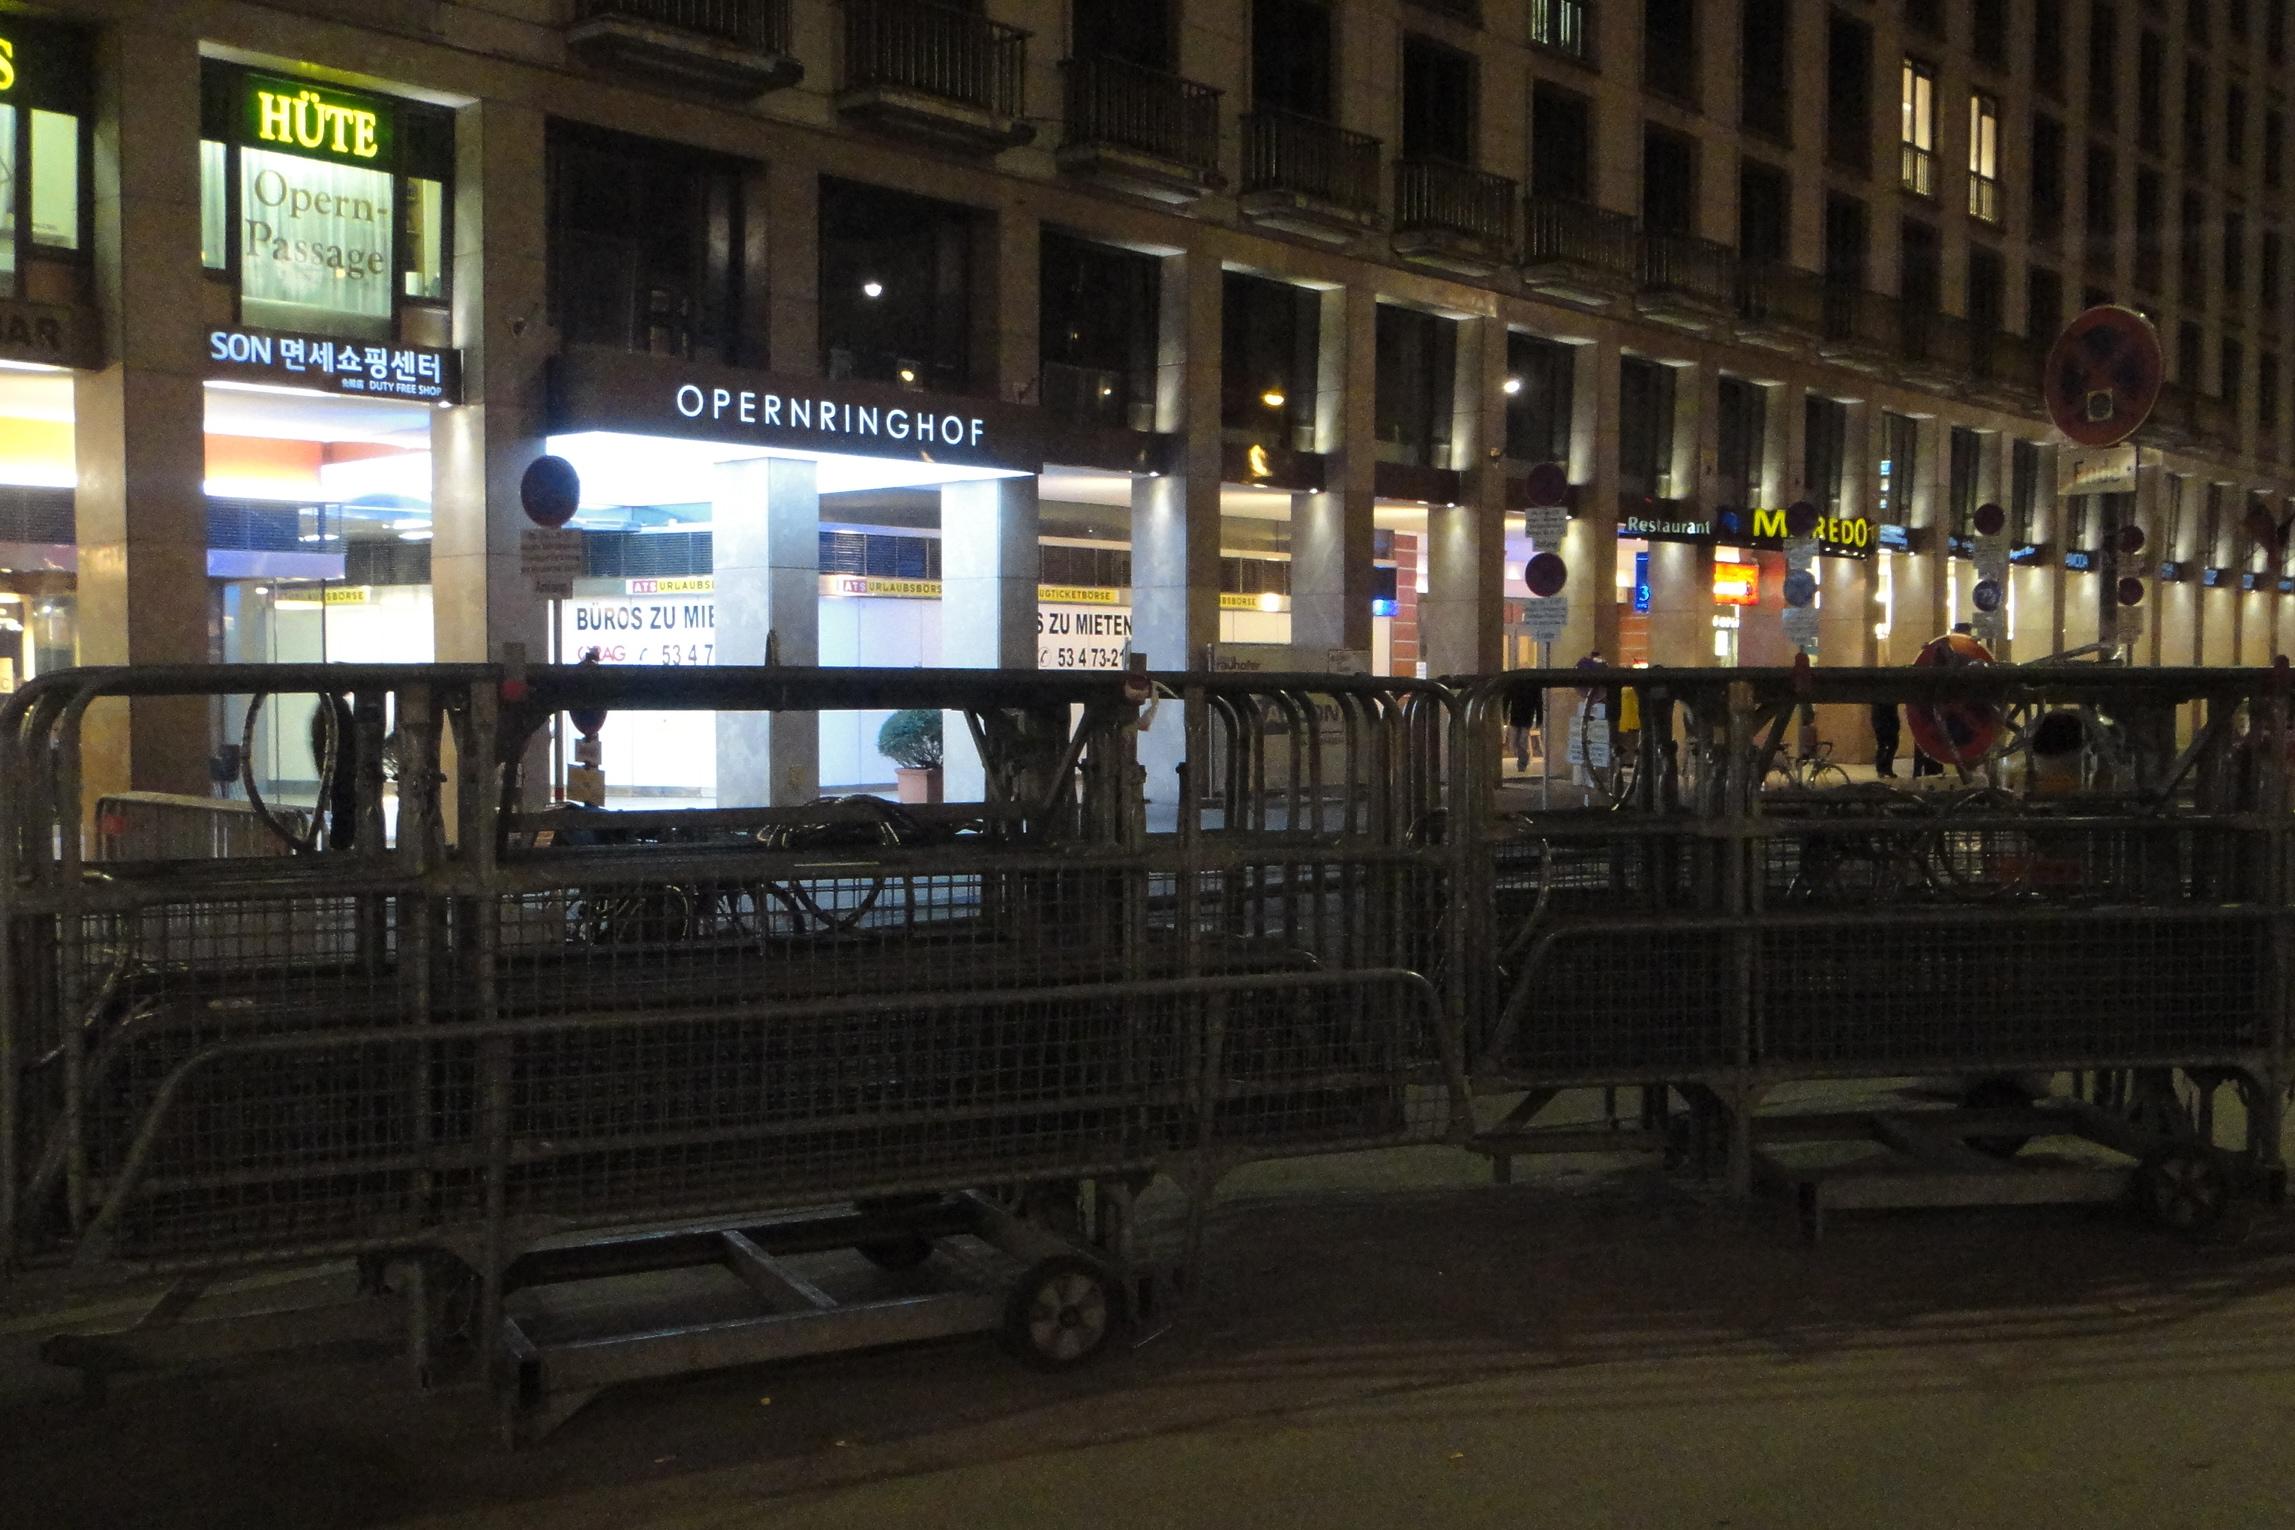 Everything is prepared for closing off the city tonight / Es ist schon alles fertig, um am Abend die Stadt abzusperren